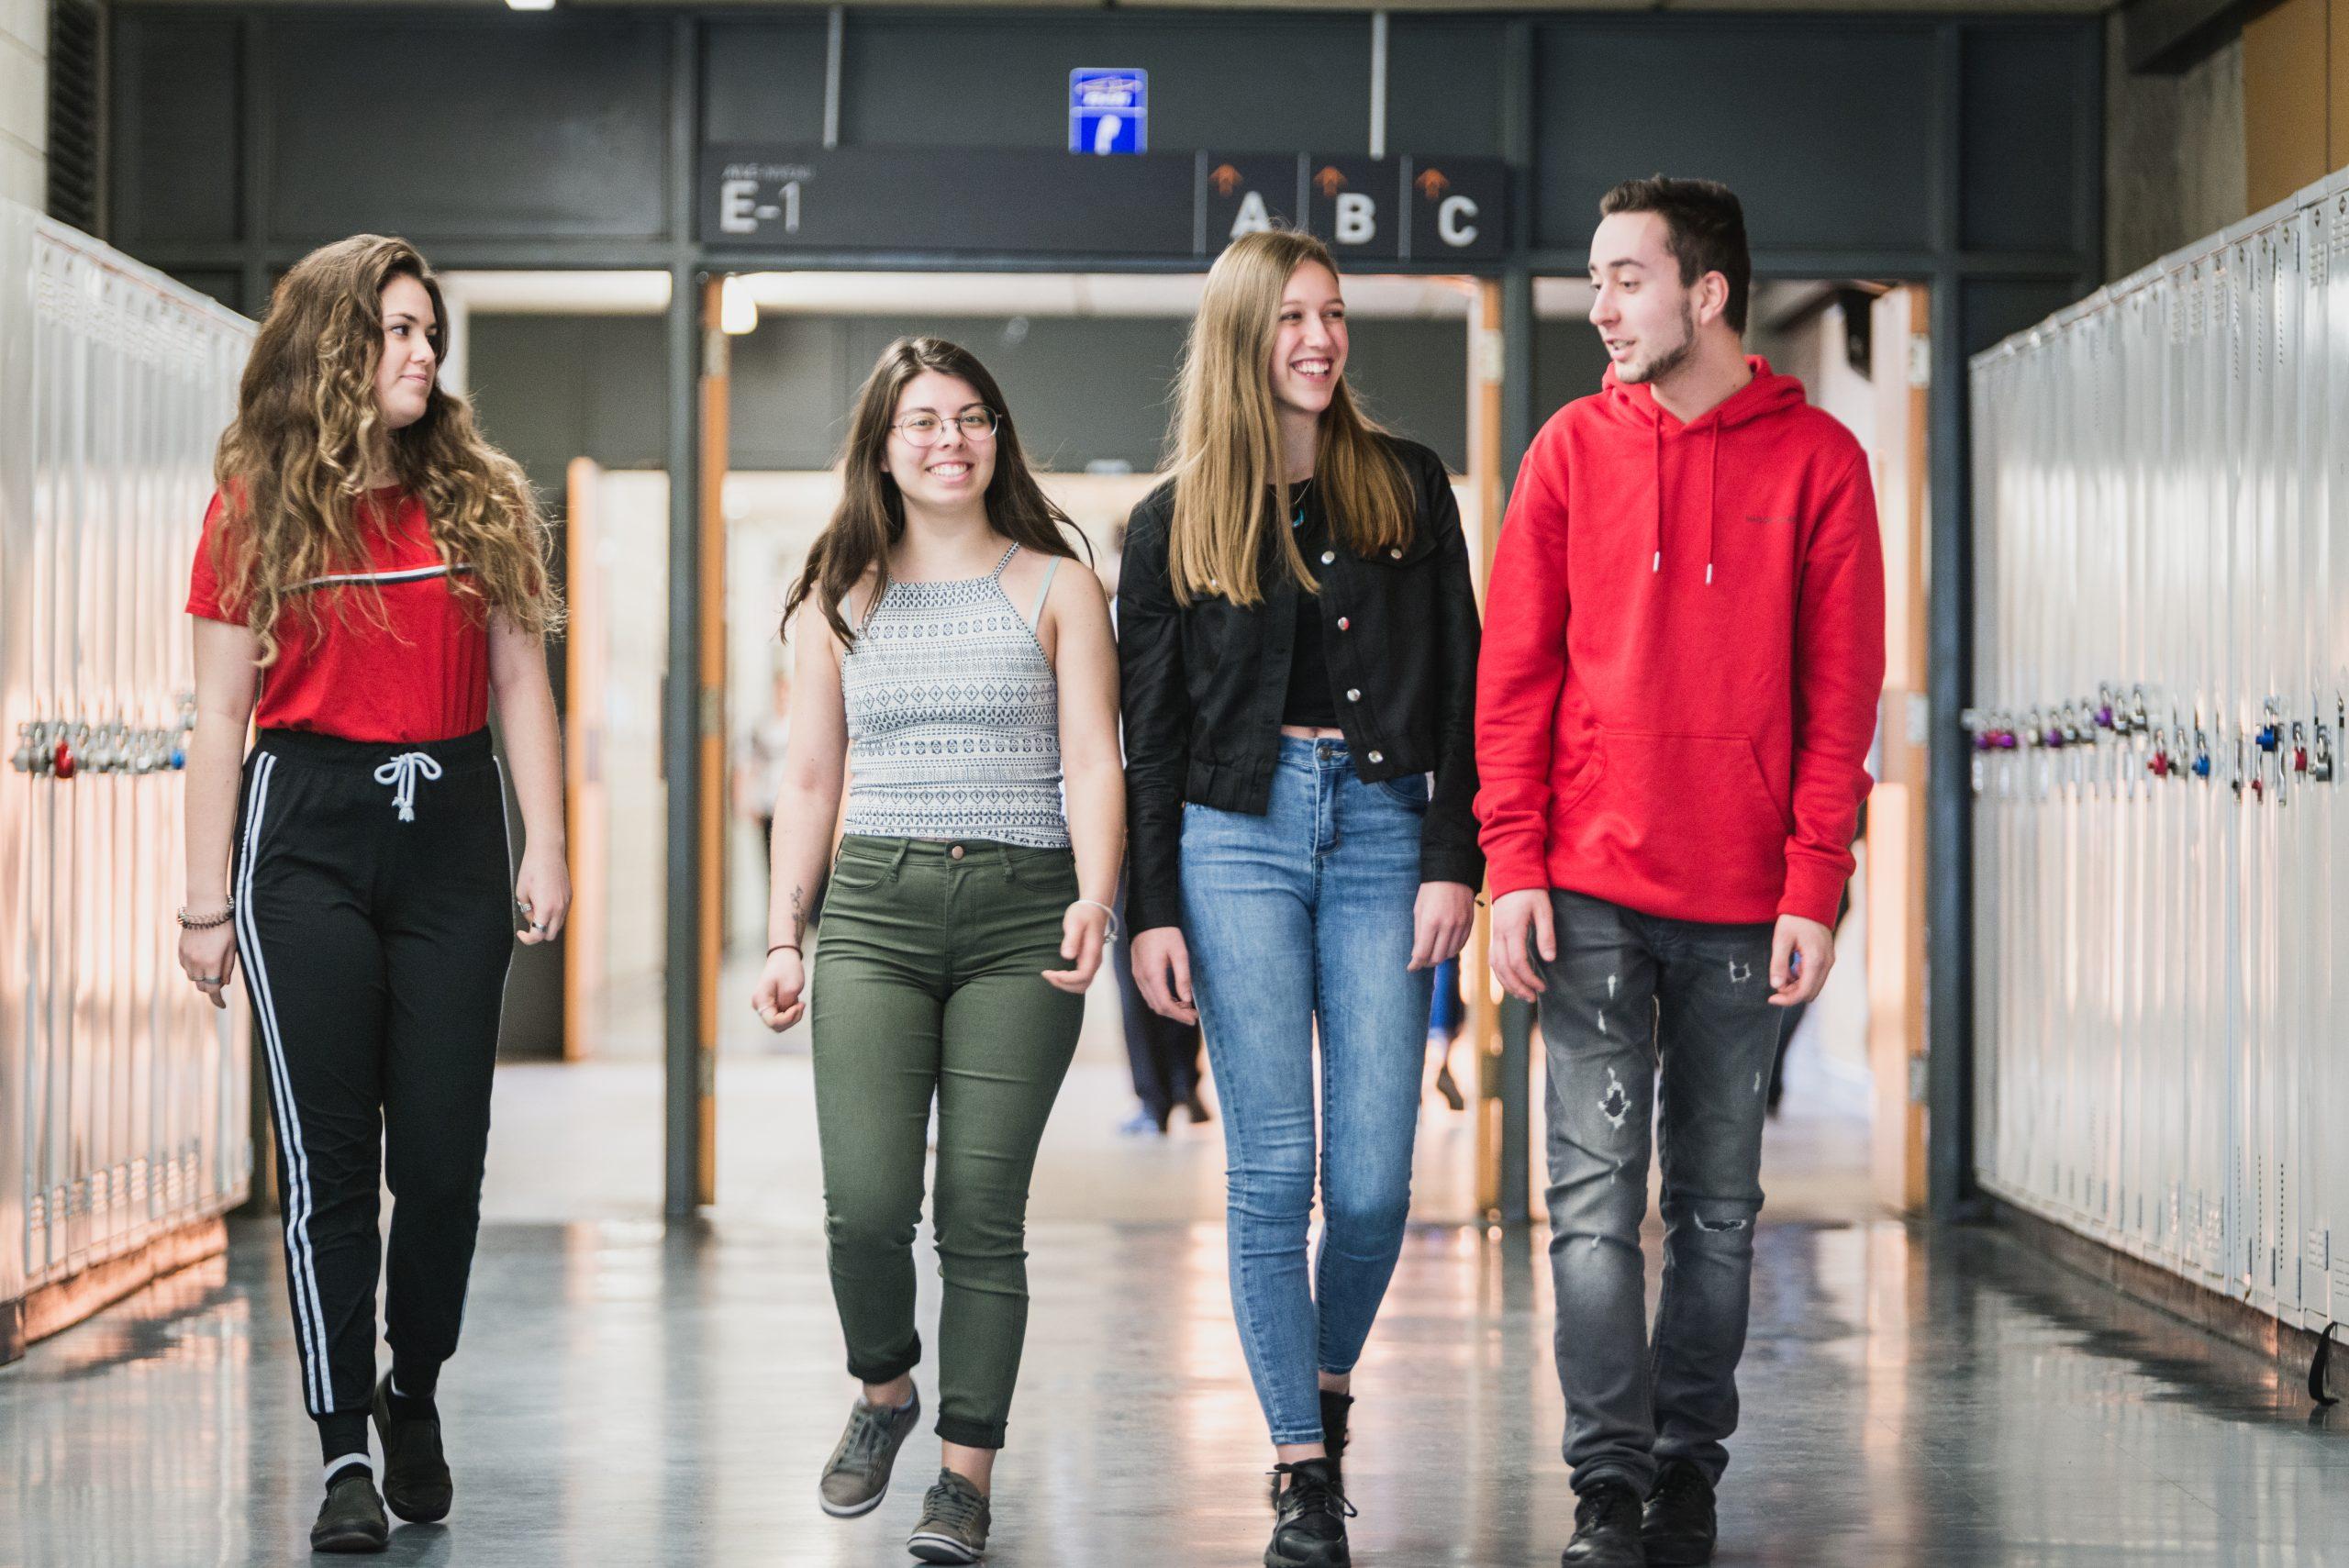 Groupe d'étudiants qui marche